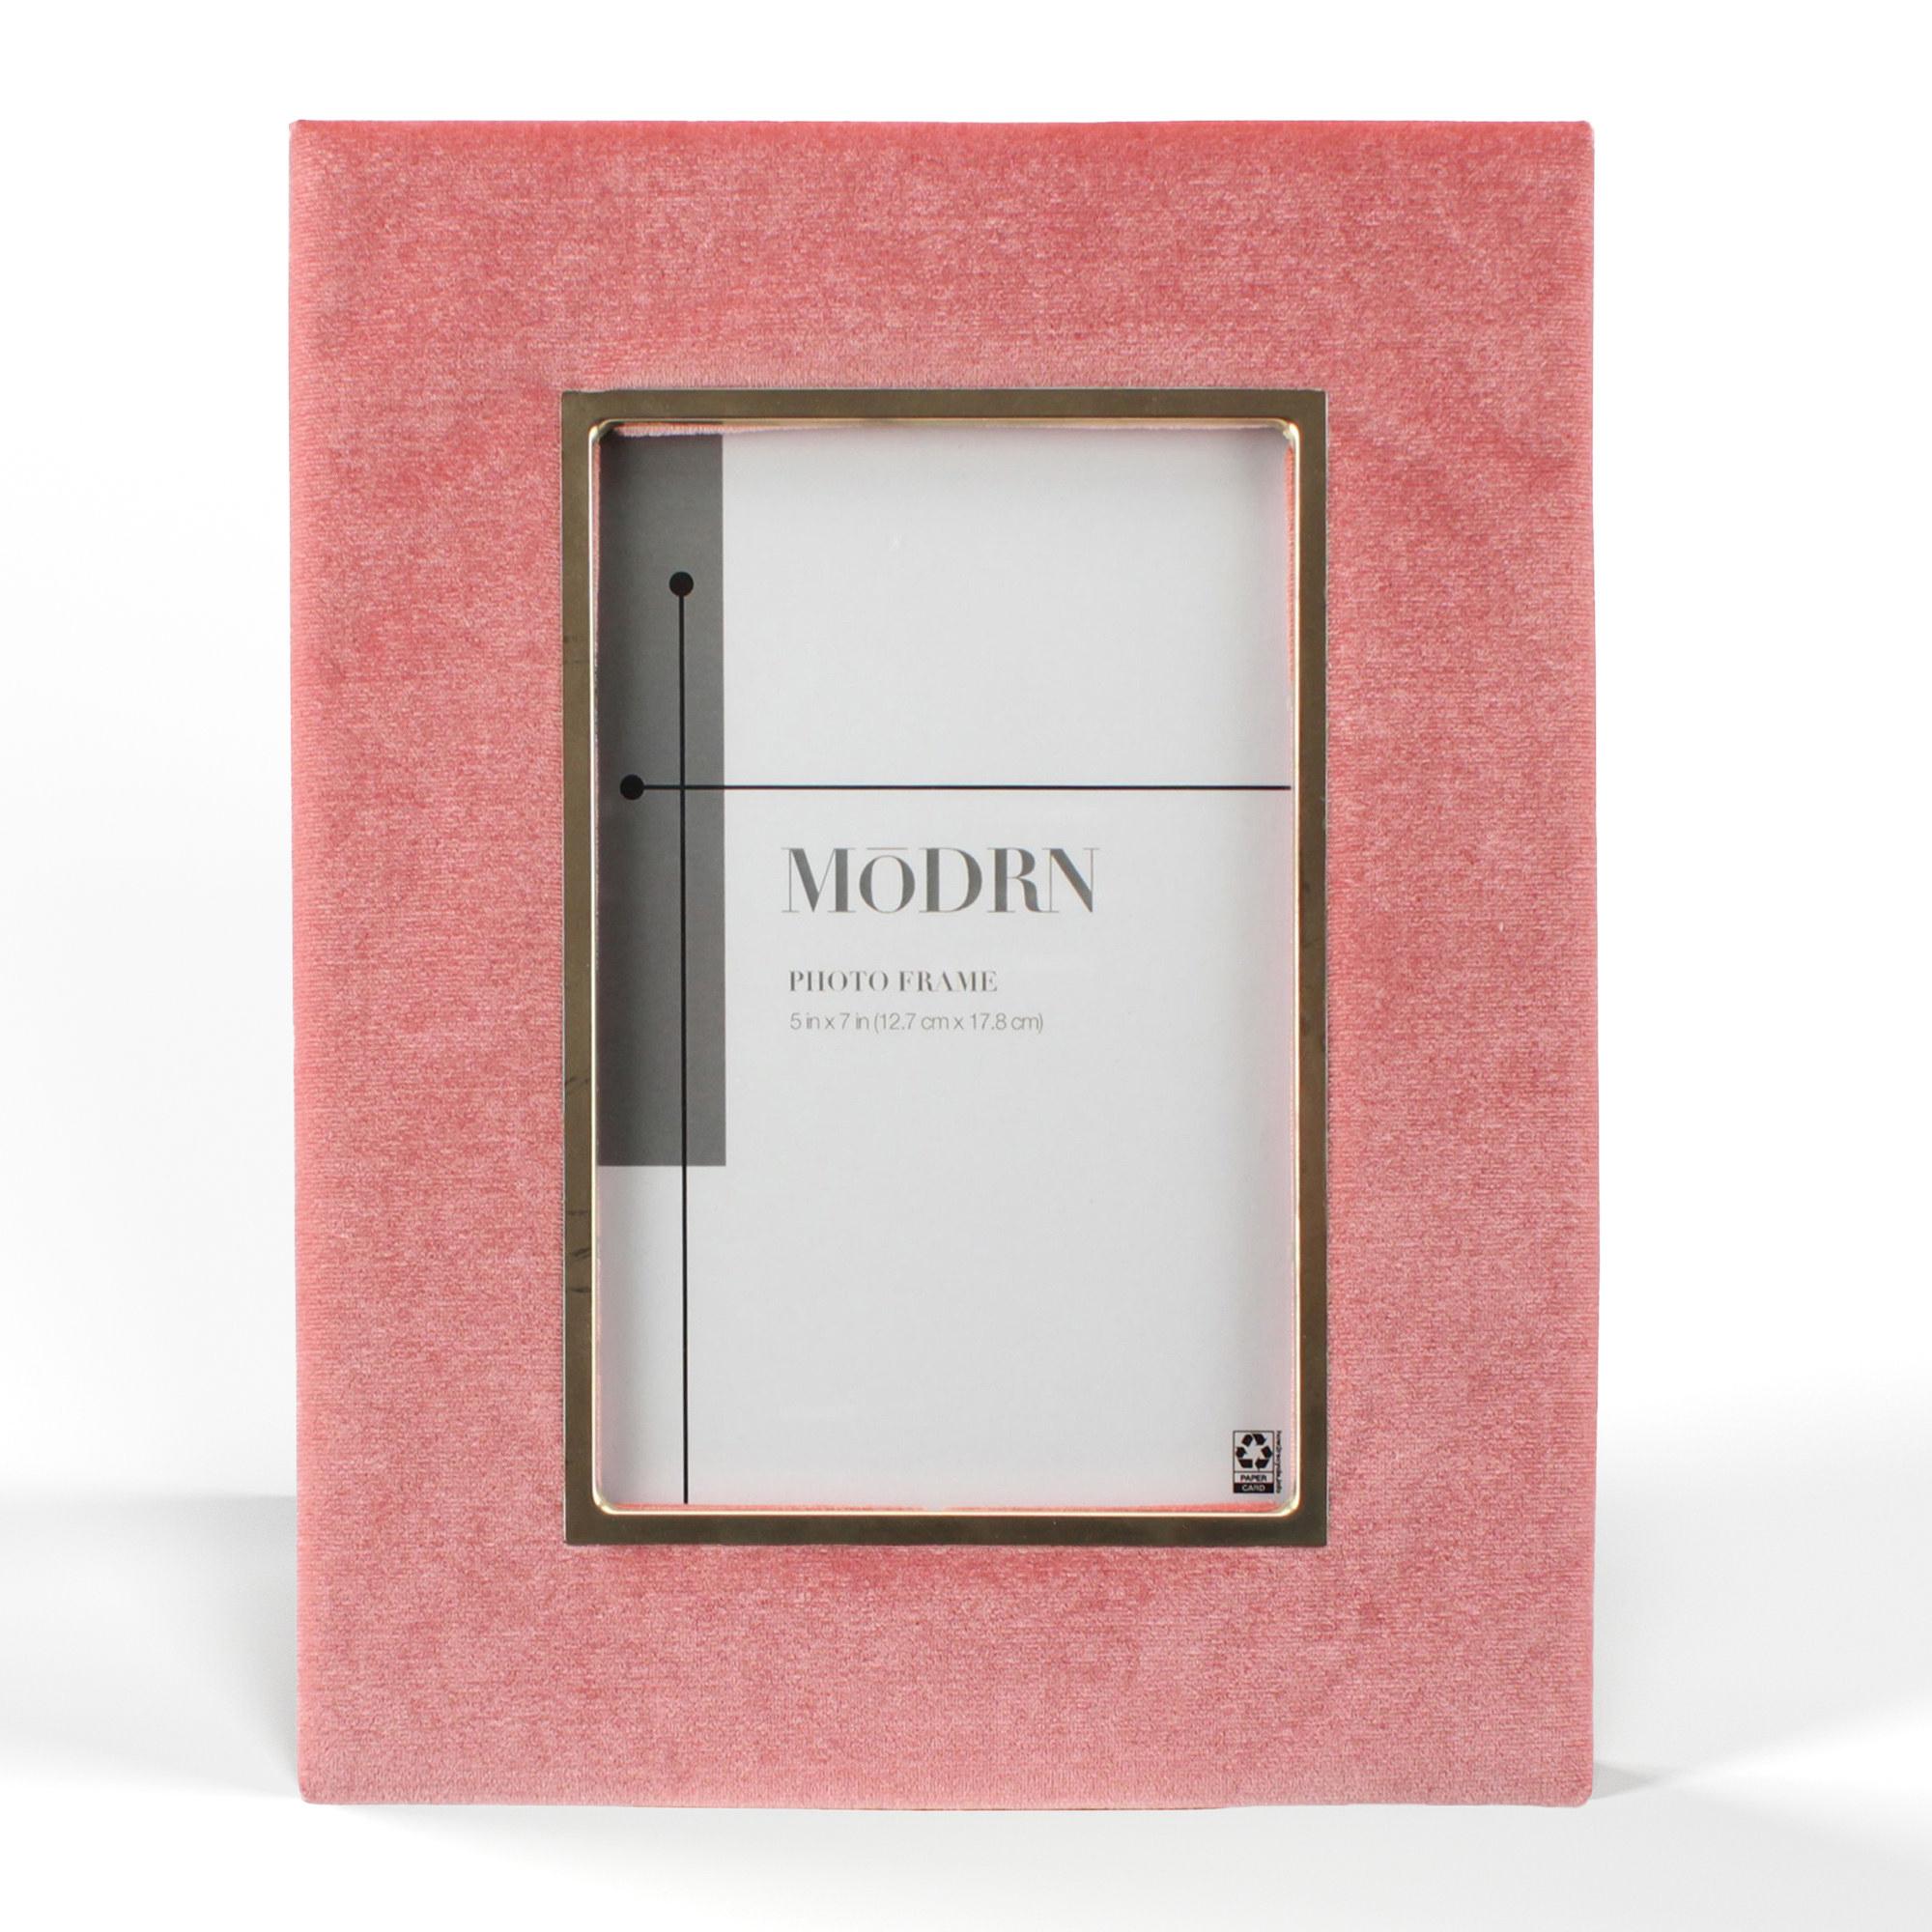 The rectangular frame in pink velvet